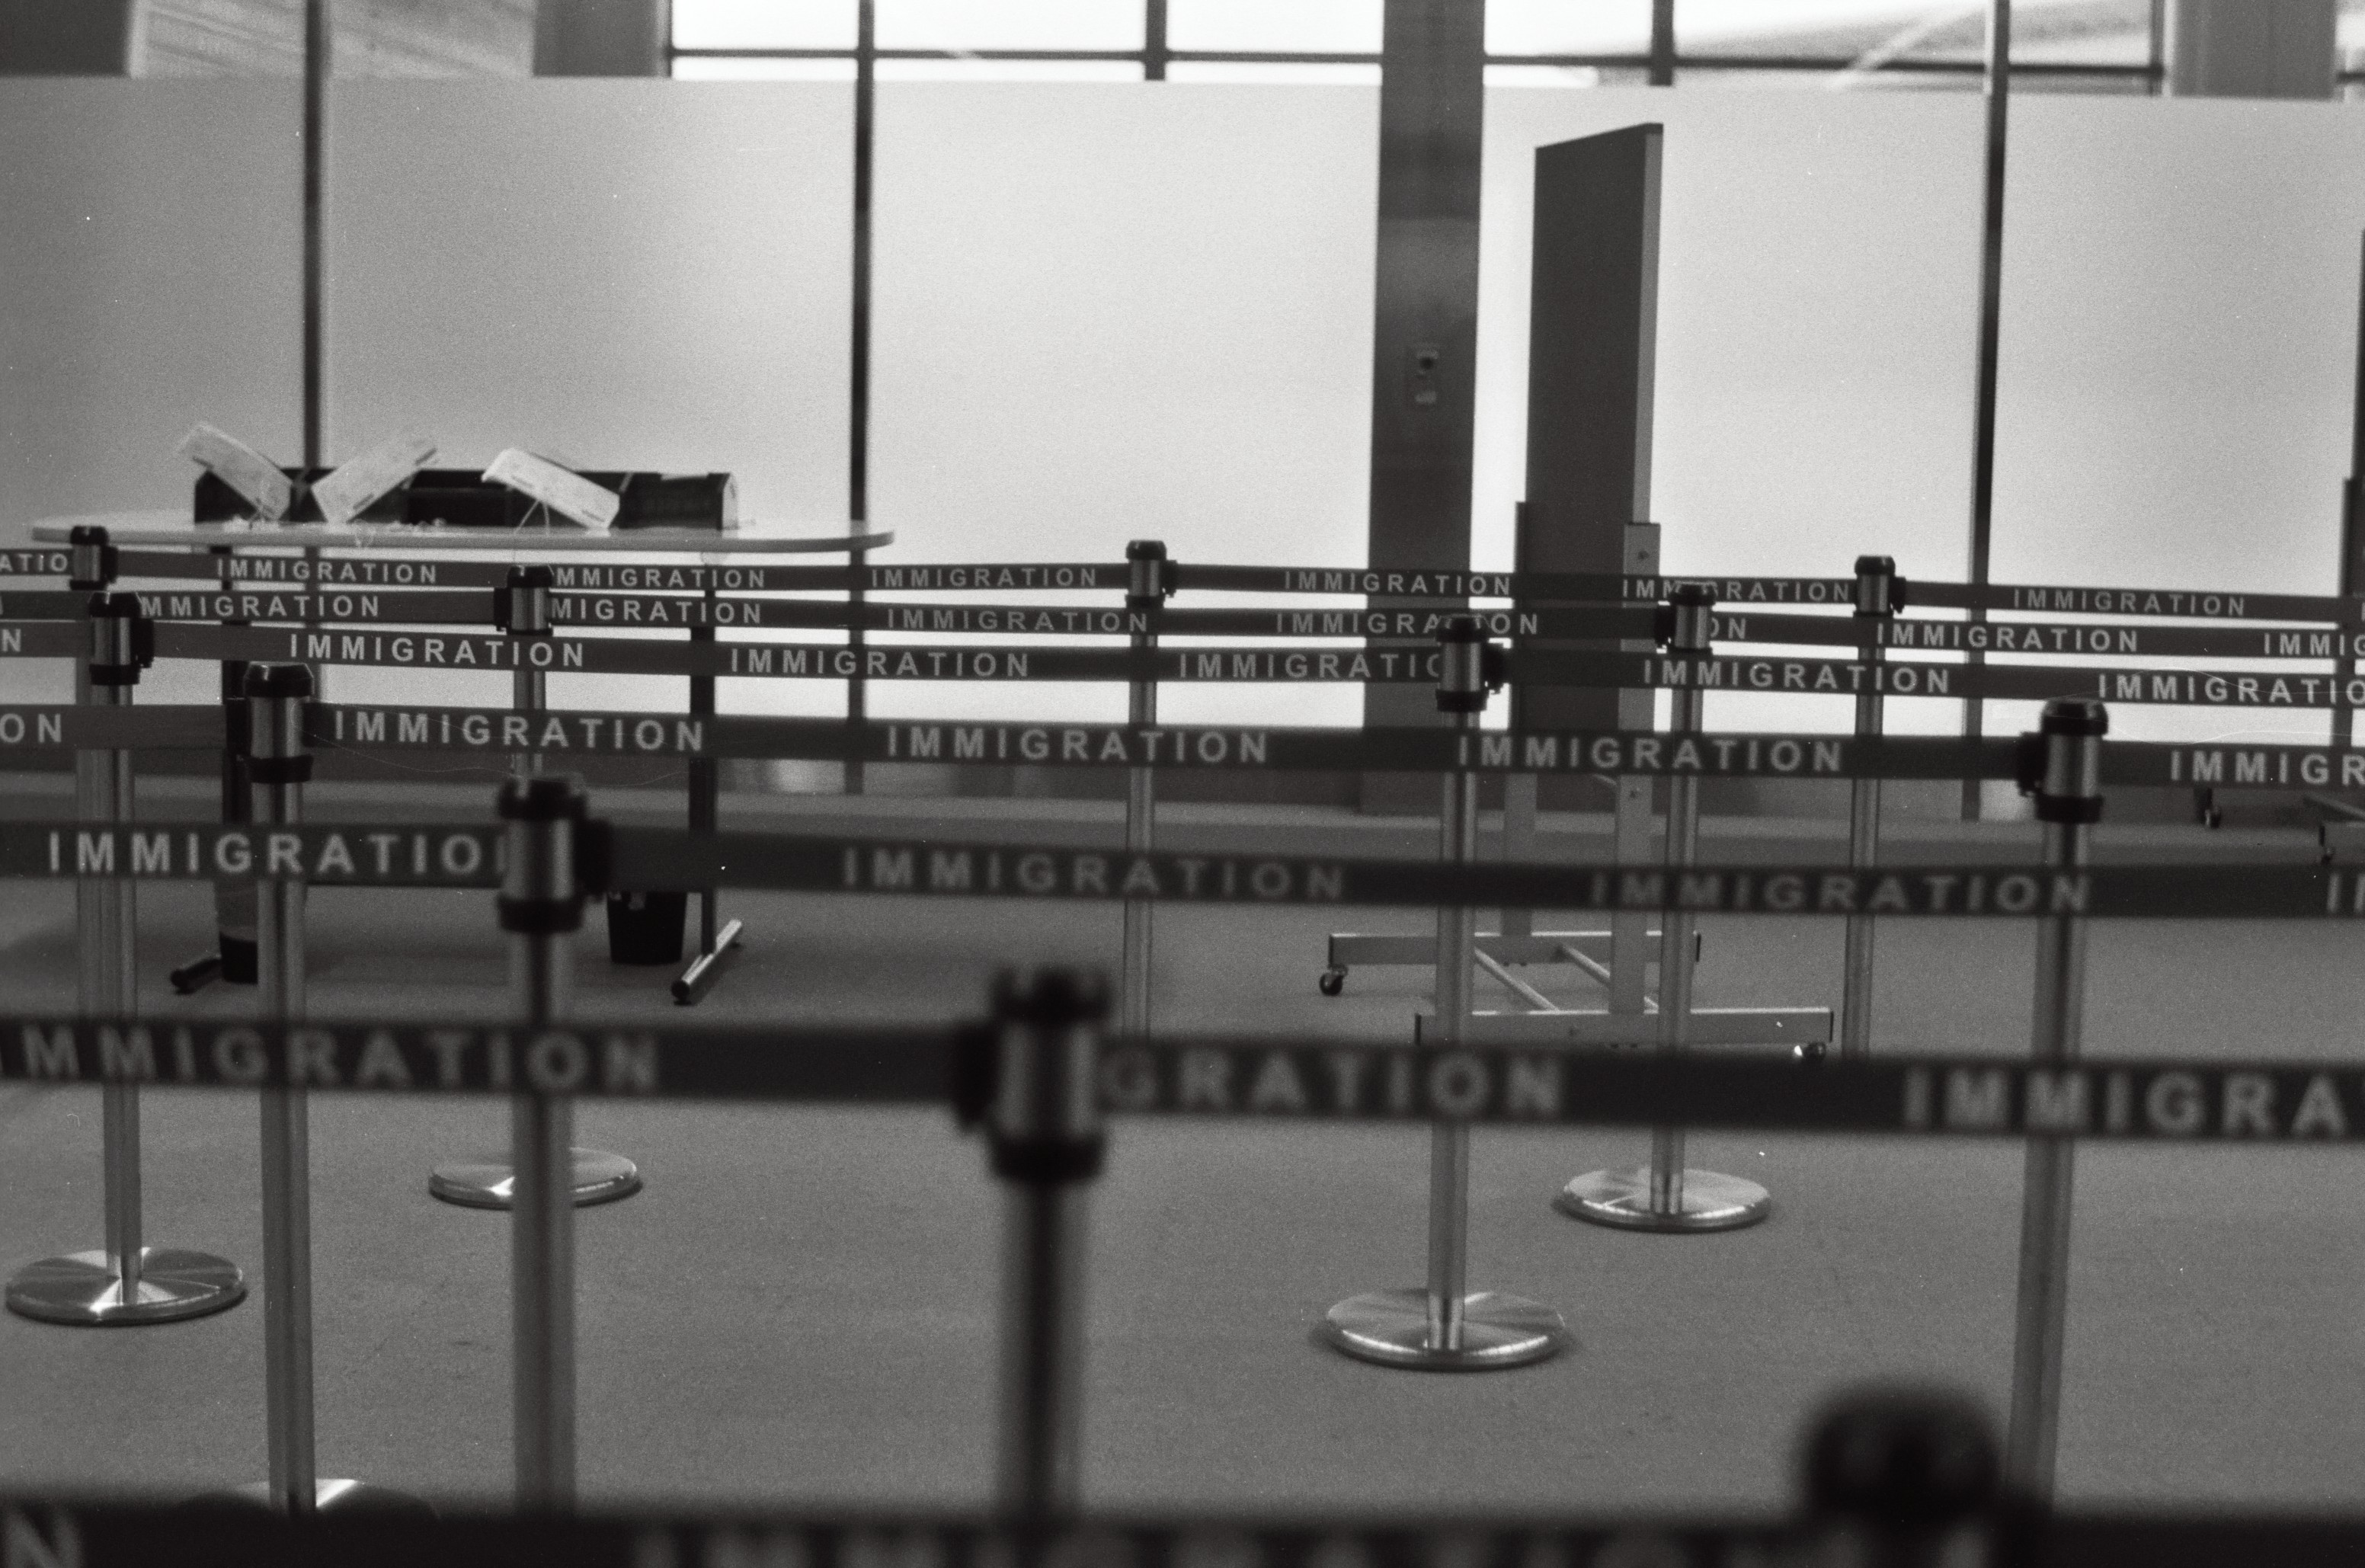 Airport immigration queue